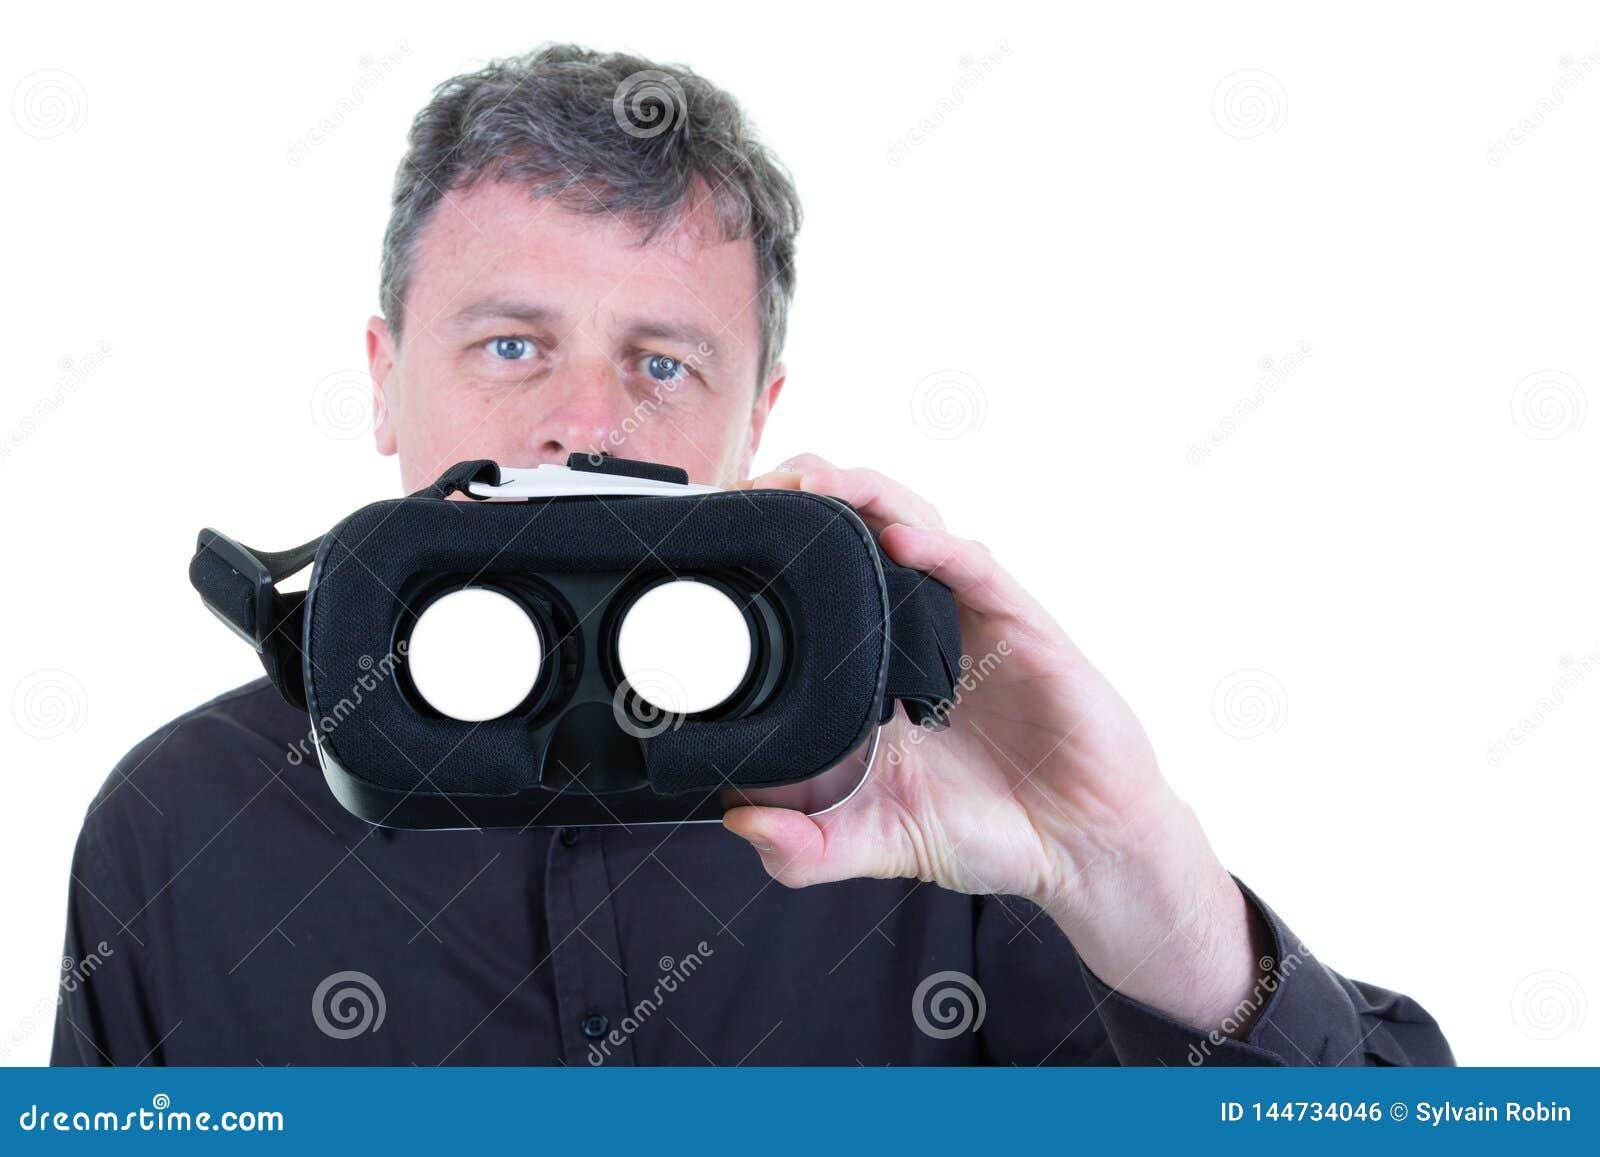 戴3D虚拟现实眼镜的人在白色背景的手上